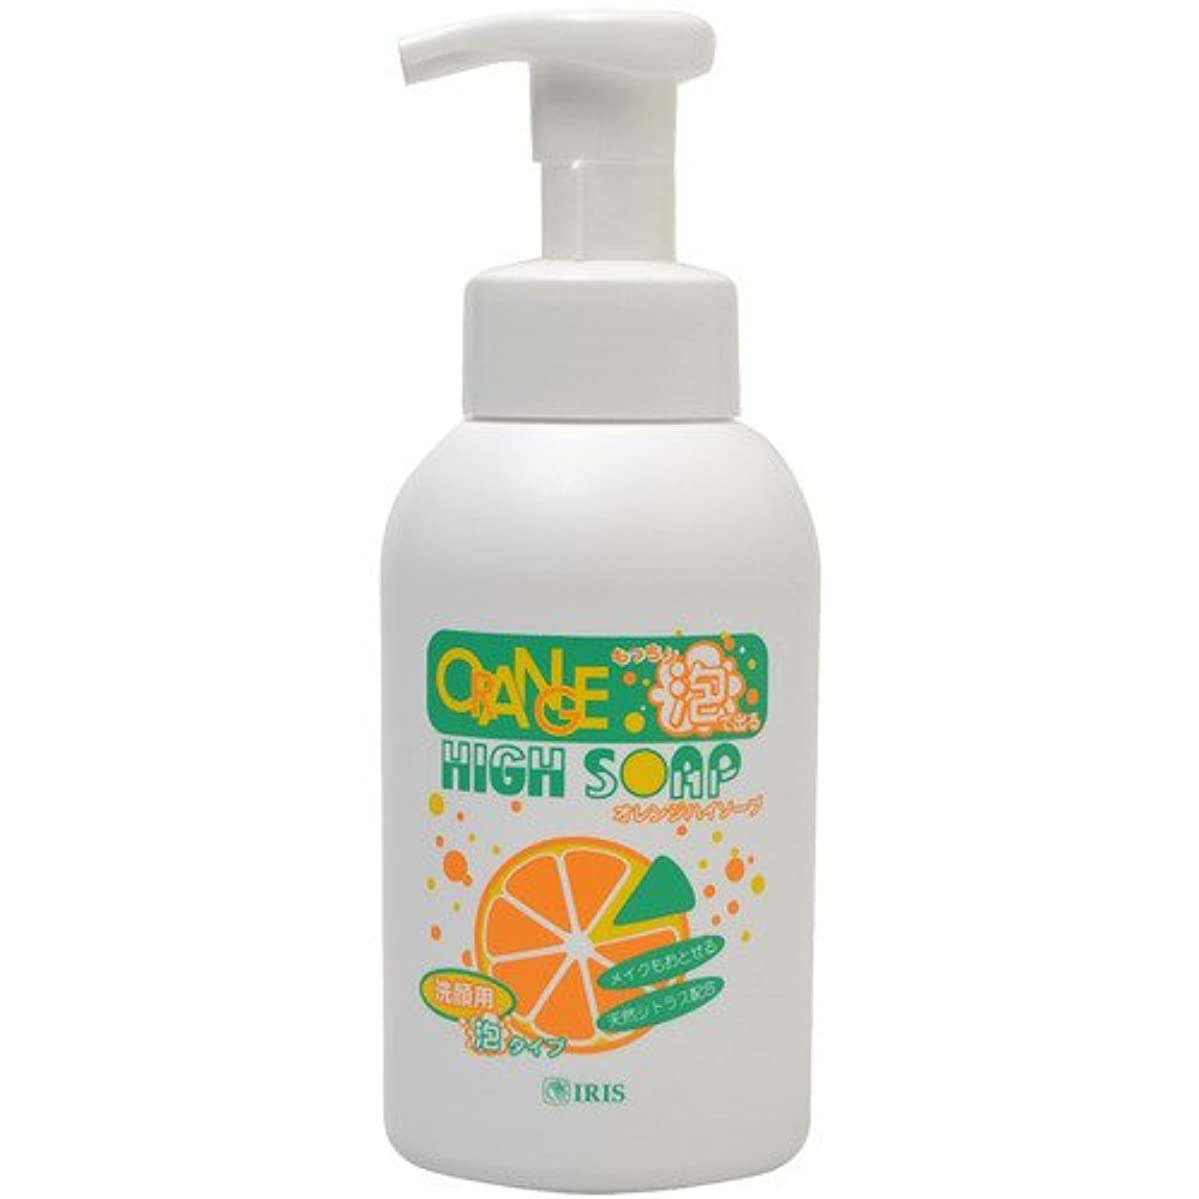 熱帯の不良円周オレンジハイソープ 洗顔用 泡タイプ ポンプ式 400ml